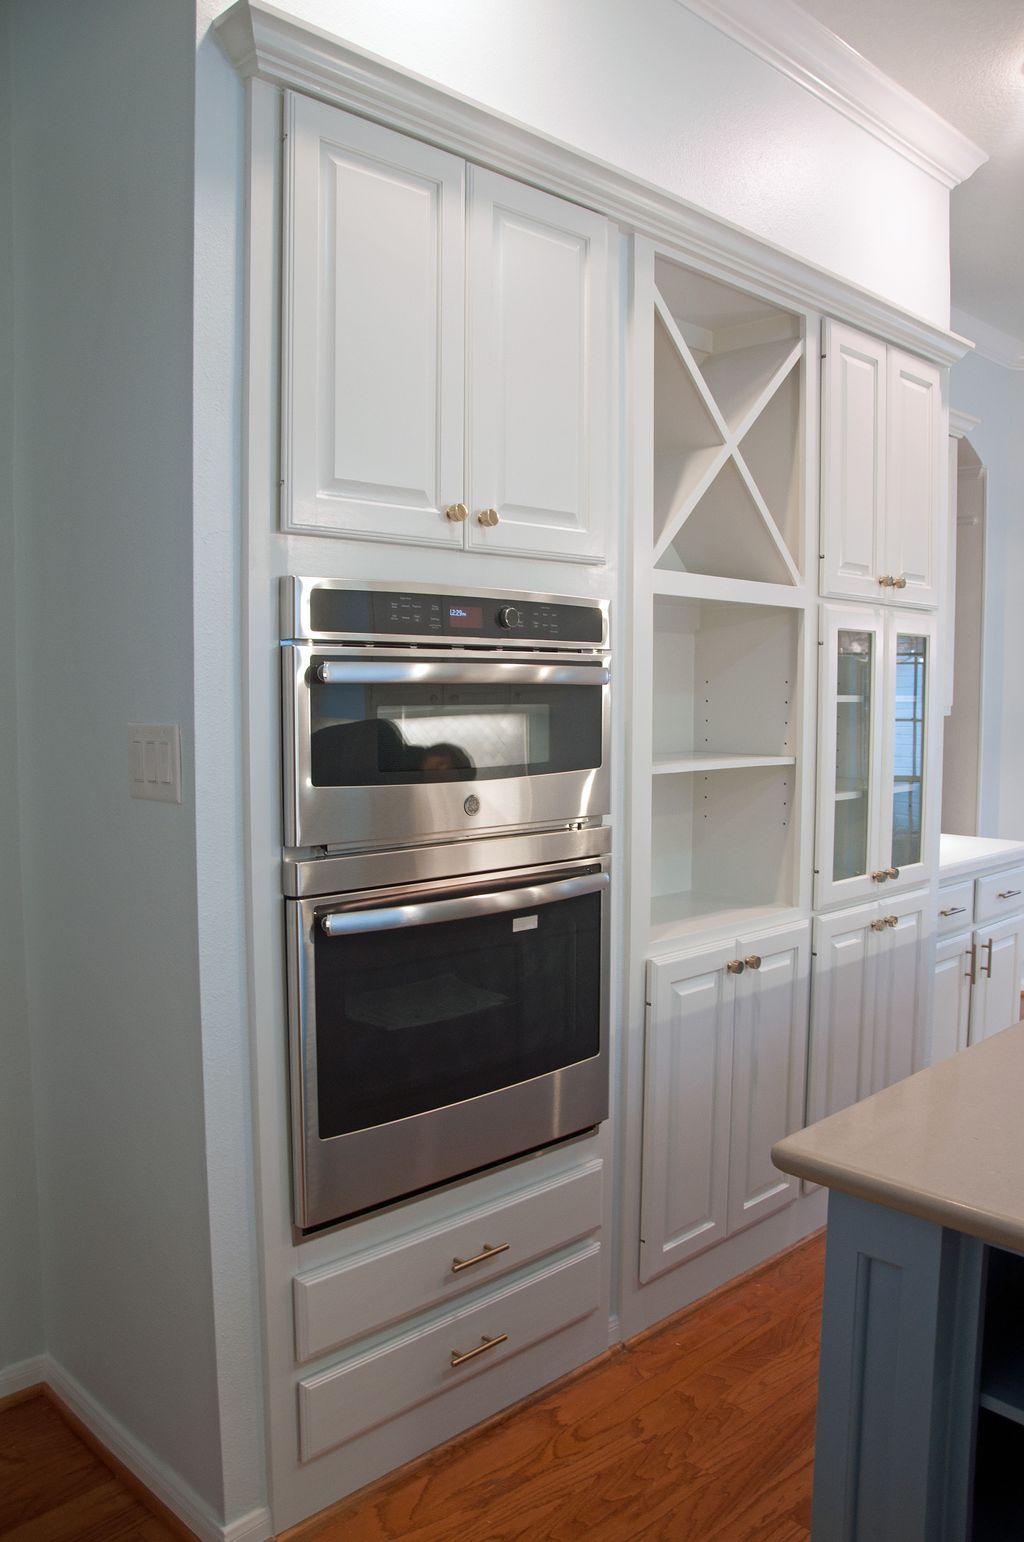 Woodlands Kitchen Remodel